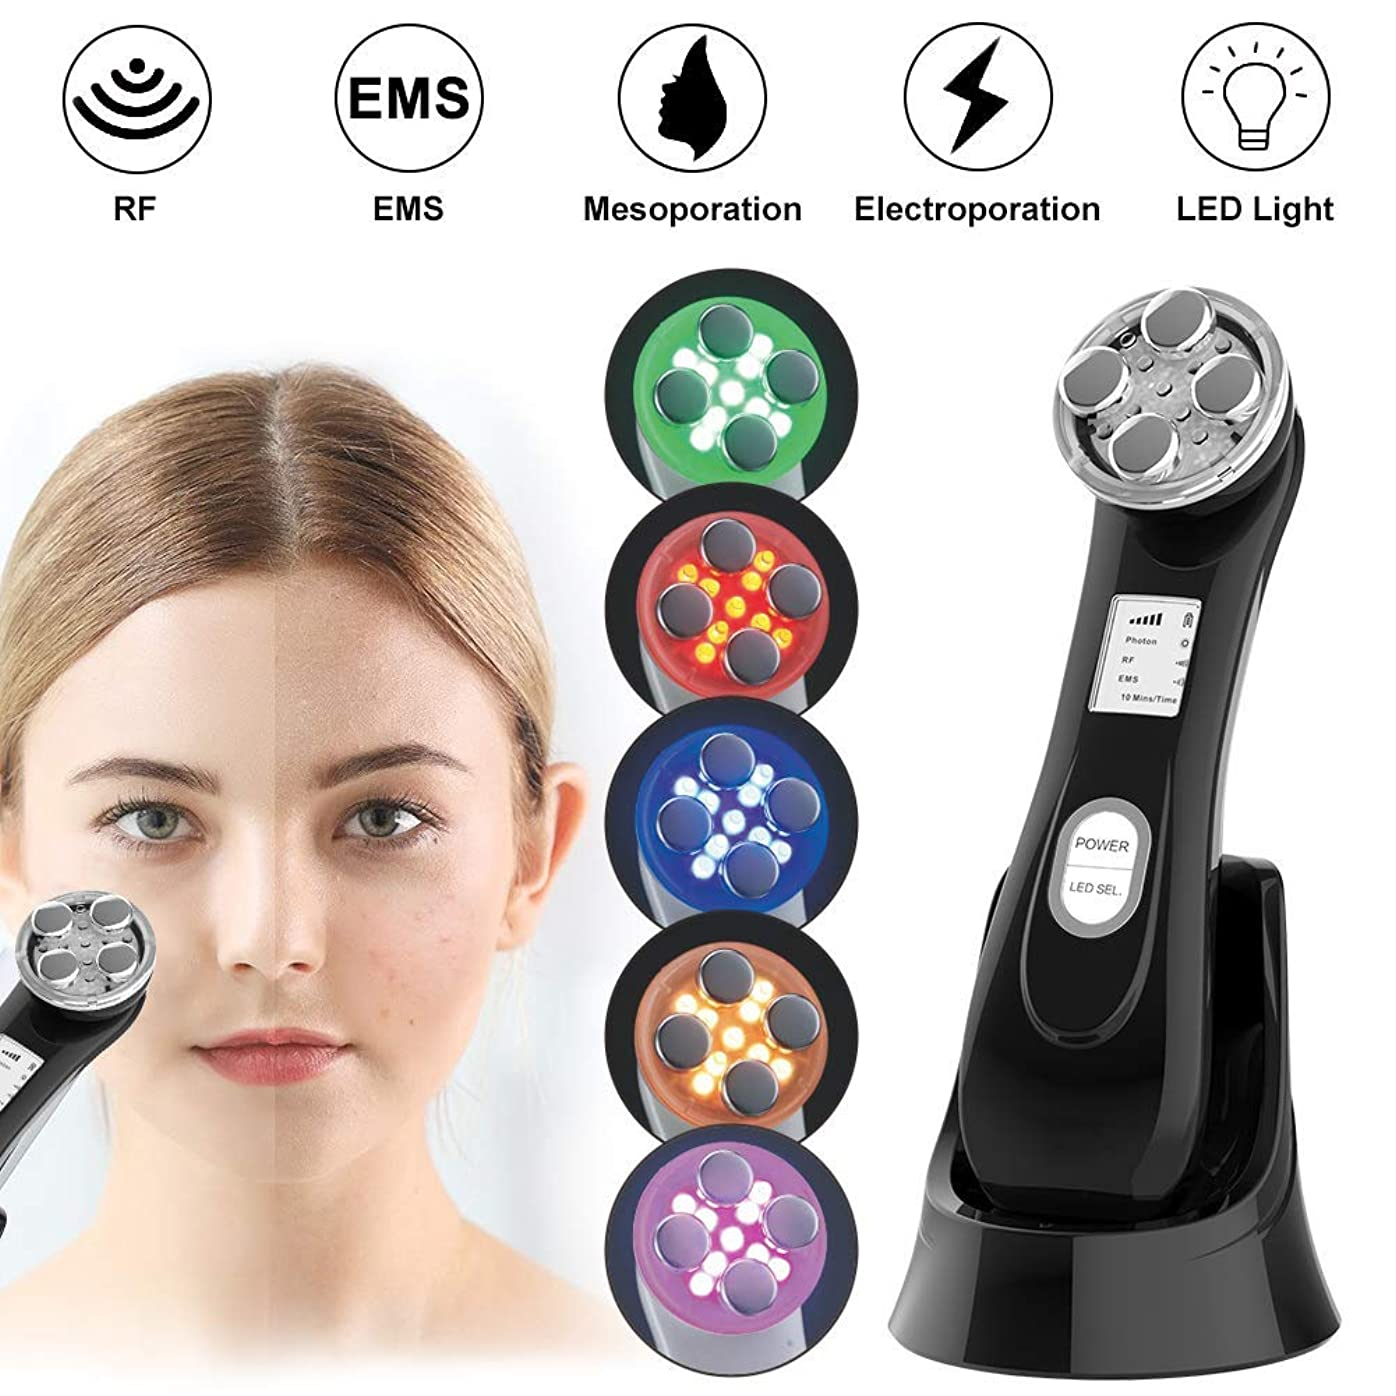 オークションバンジョー聞く肌の引き締め機、しわ除去機、6 in 1 RF美容アンチエイジングアンチニキビフェイシャルリフティング美容機高周波USB充電式EMS超音波LEDフェイシャルフォトンフェイススキンケア